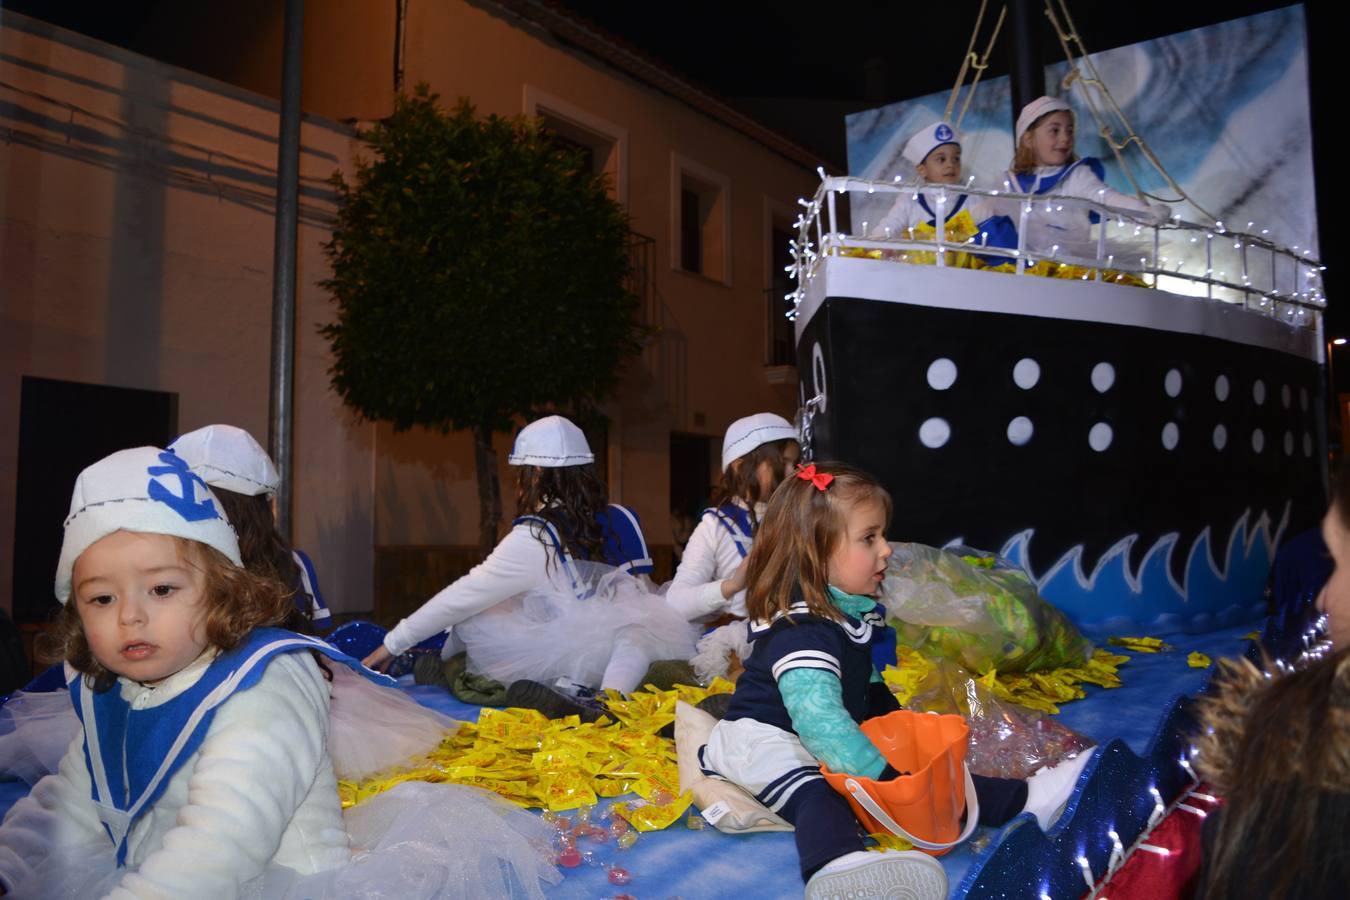 1200 kg. de caramelos, 20.000 bolsas de frutos secos y 300 balones se lanzaban en la Cabalgata de Fregenal